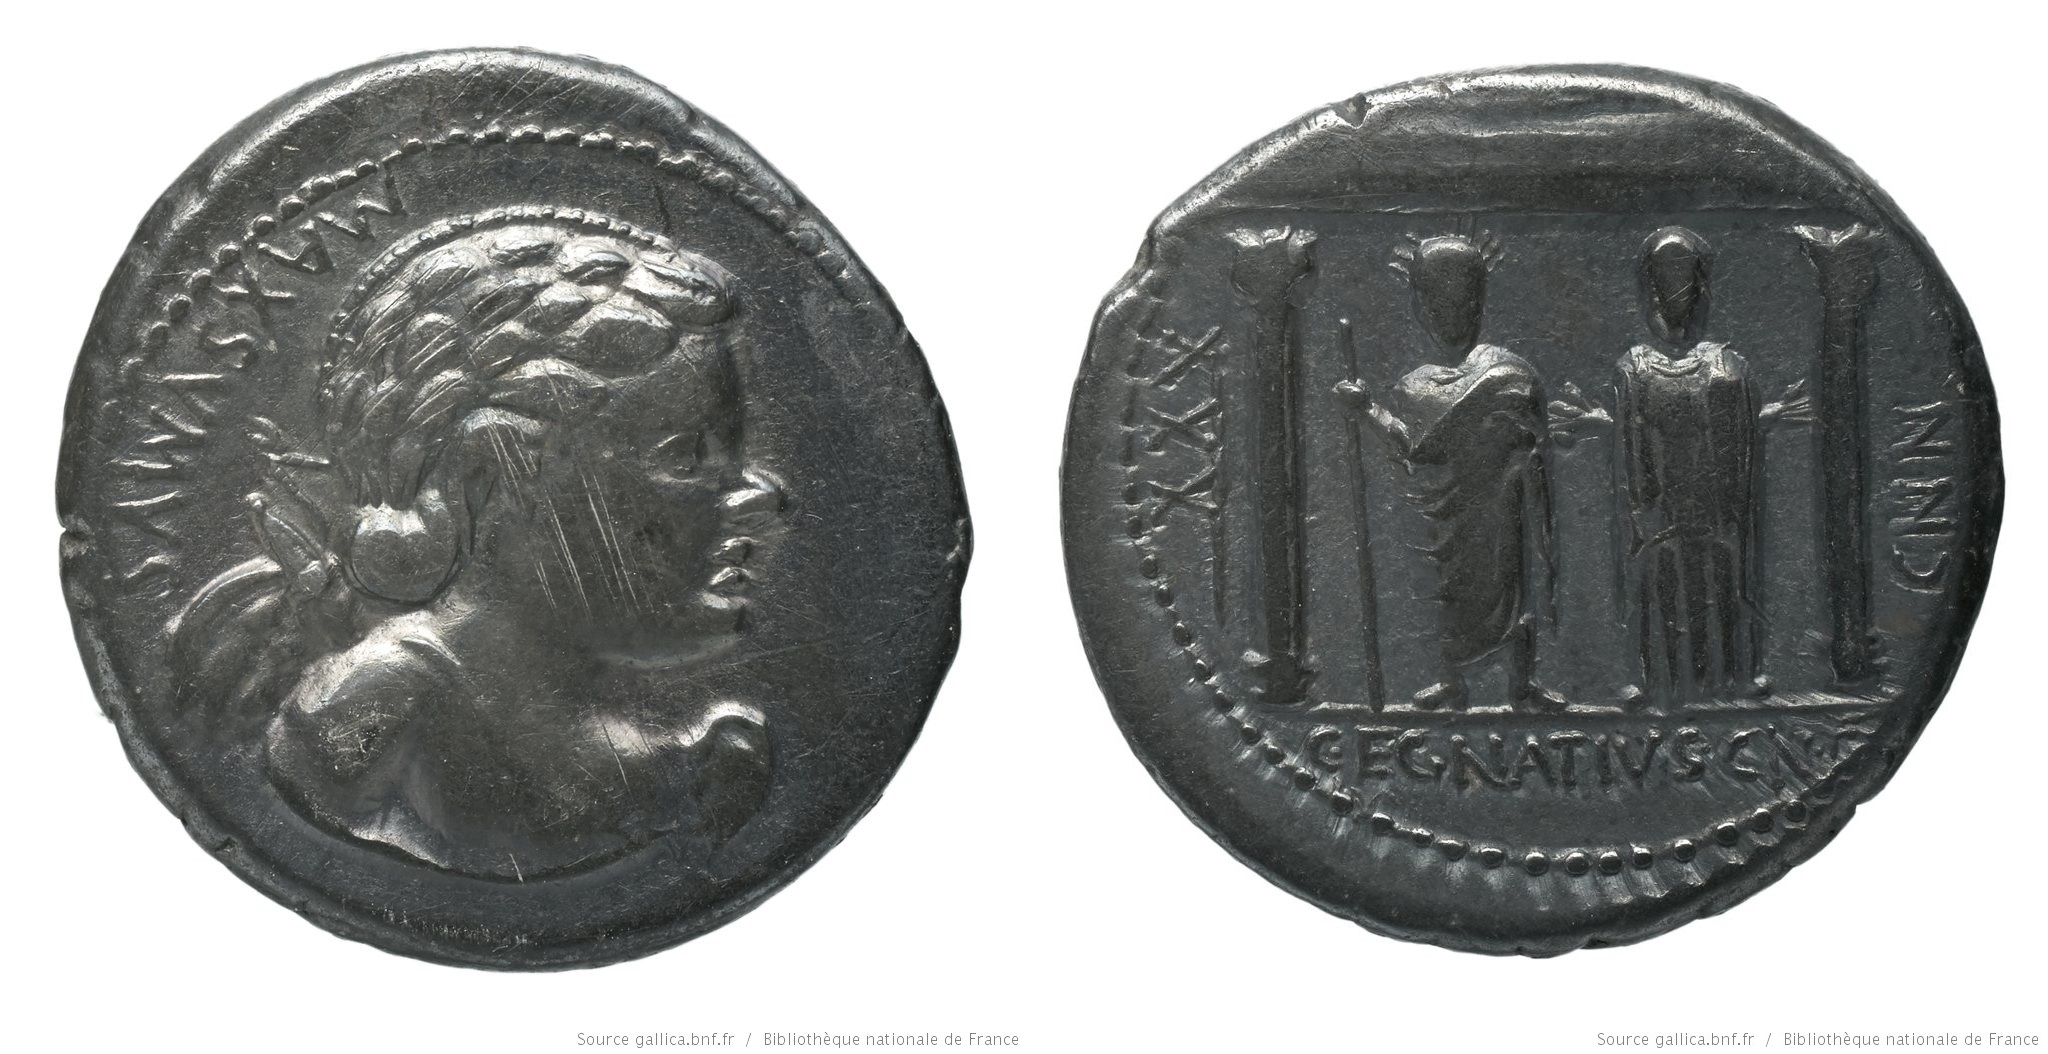 1331EG – Denier Egnatia – Caius Egnatius Maxsumus